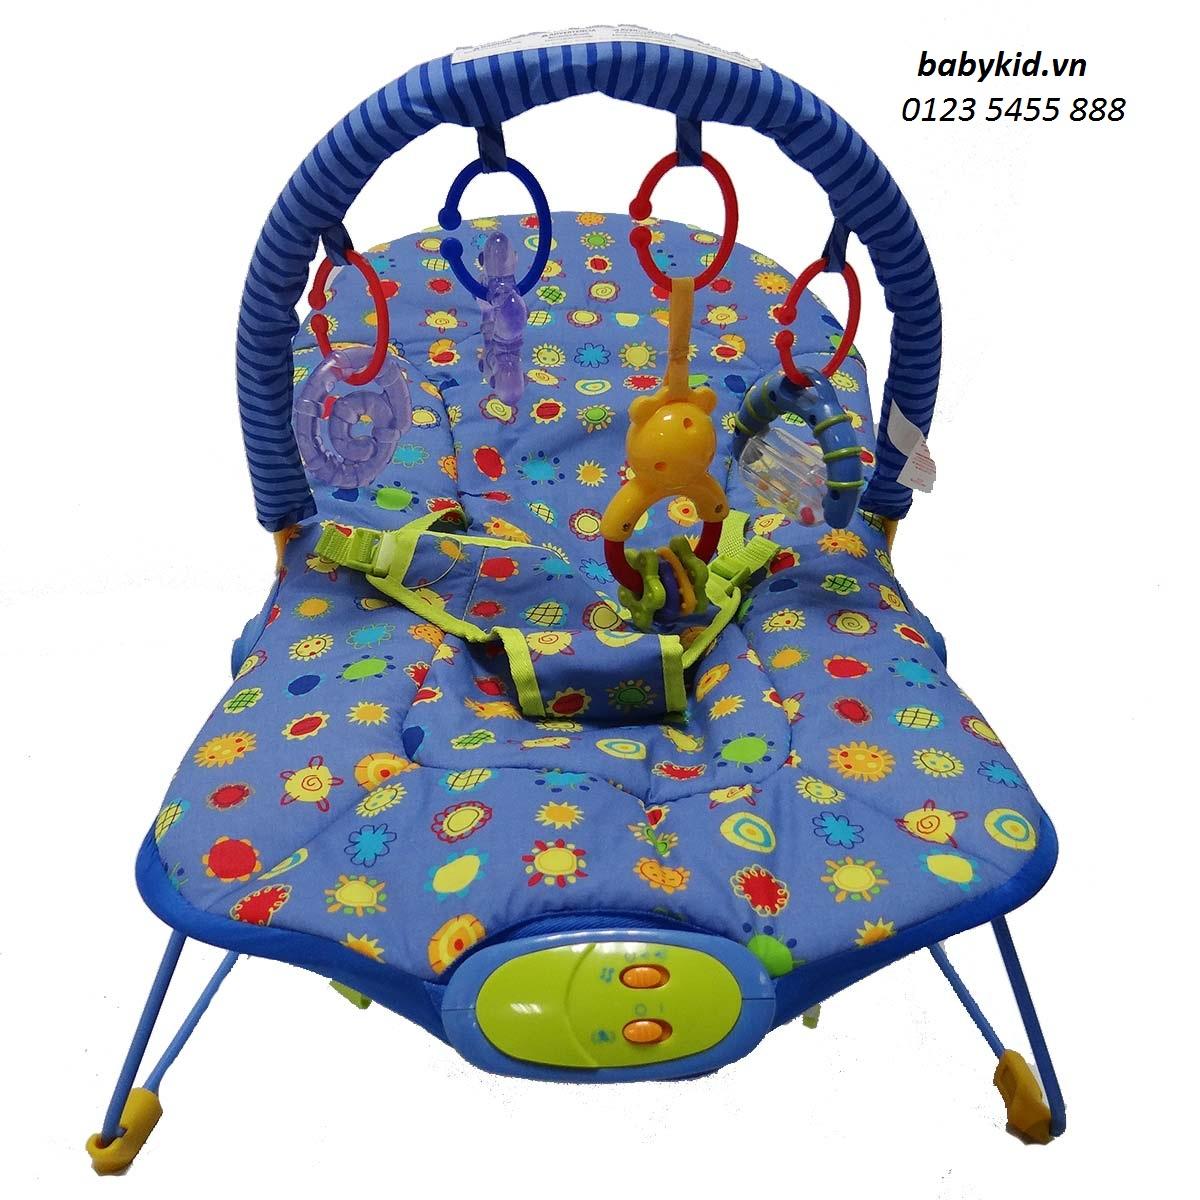 ghế rung trẻ em Bibos 30725 giá rẻ